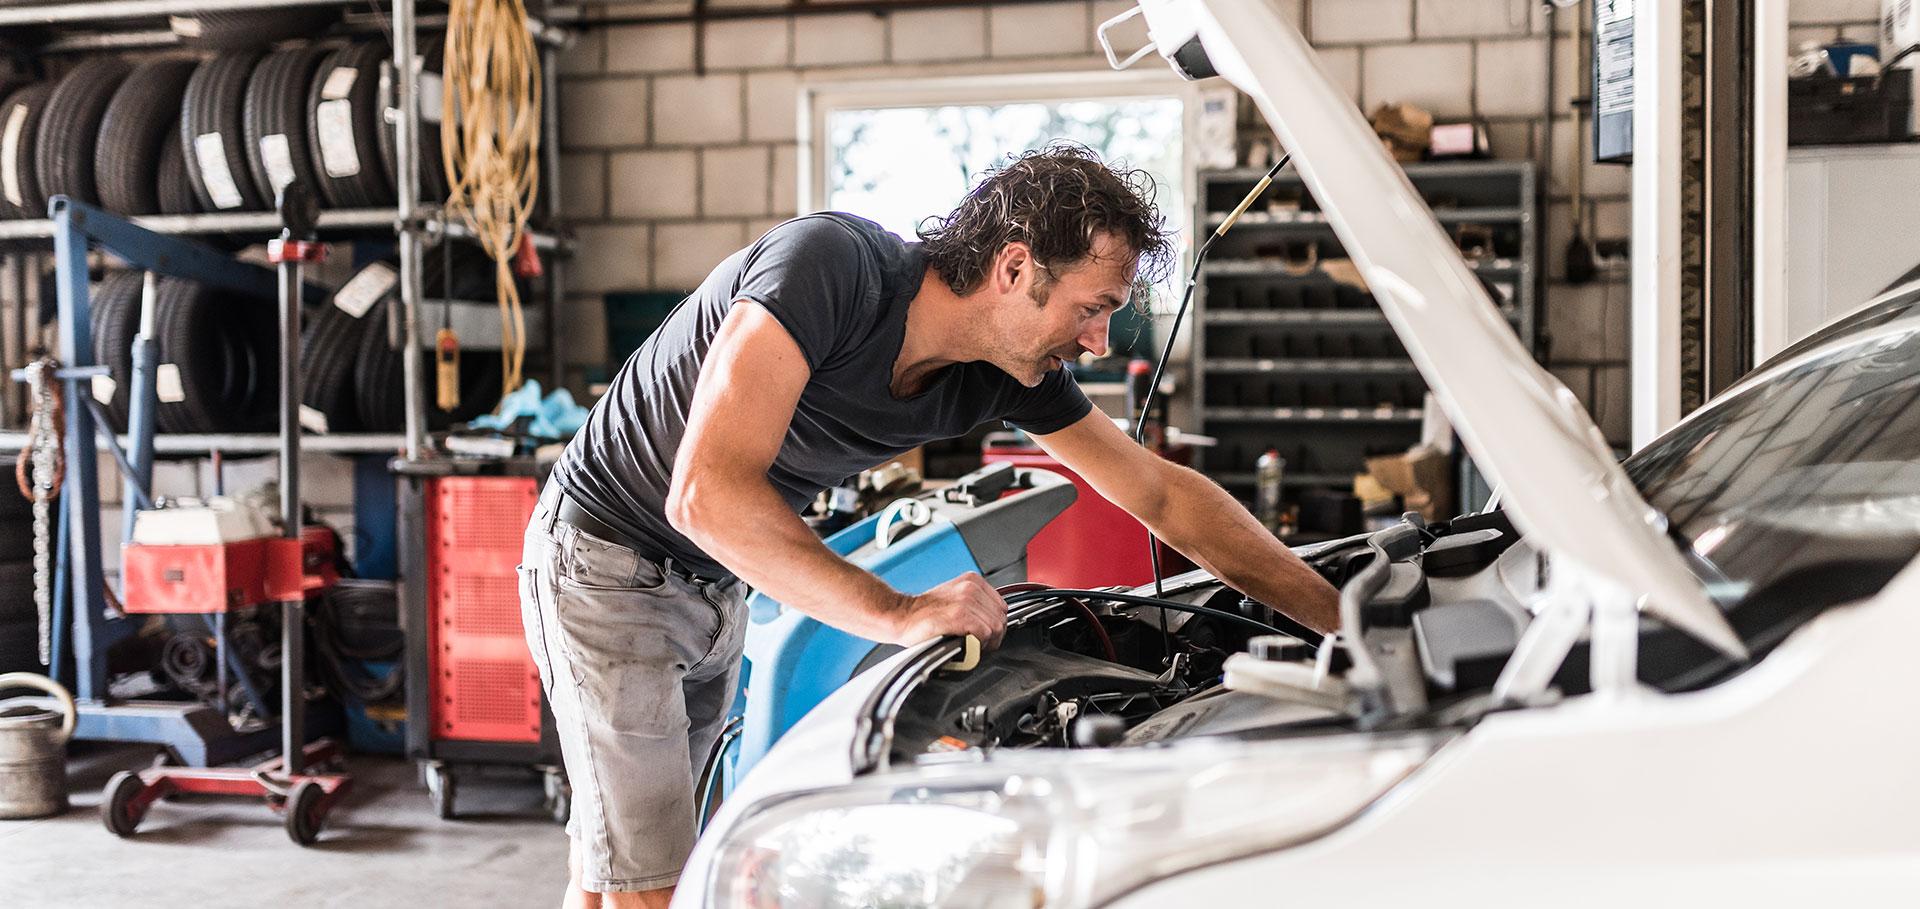 APK keuring en onderhoud bij Autobedrijf van Heesch